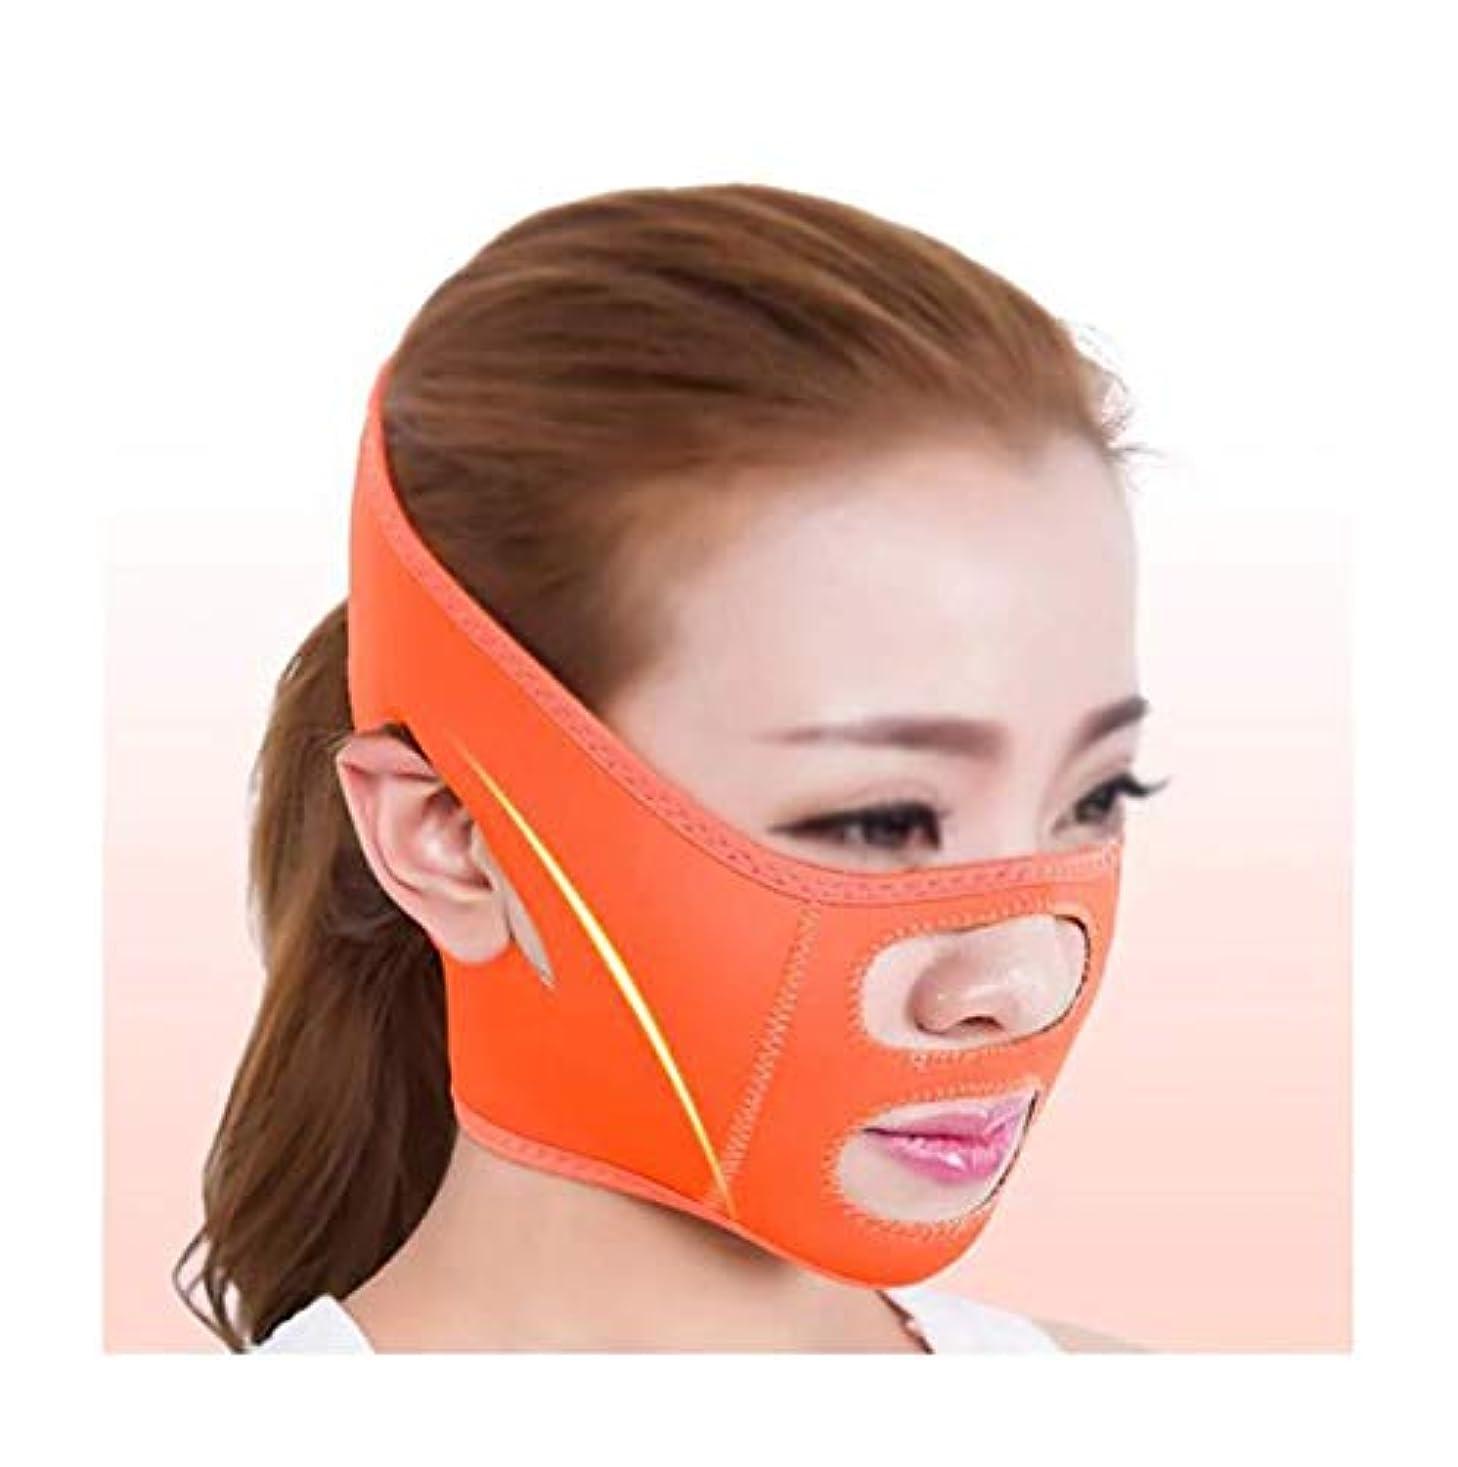 フリースほめる嘆くファーミングフェイスマスク、術後リフティングマスクホーム包帯揺れネットワーク赤女性Vフェイスステッカーストラップ楽器顔アーティファクト(色:青),オレンジ